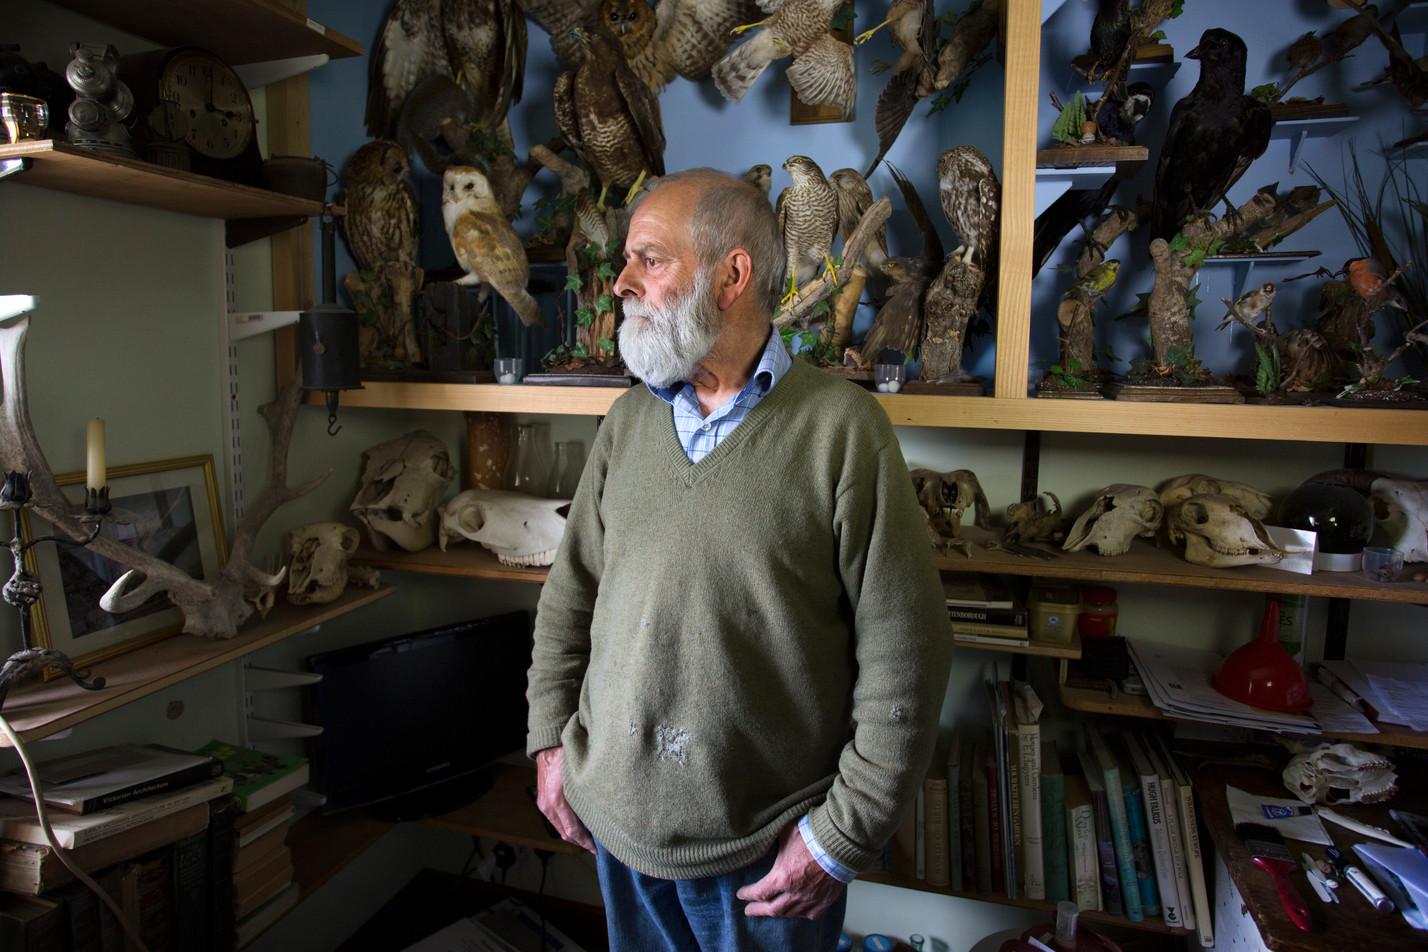 Bernard Kingscott